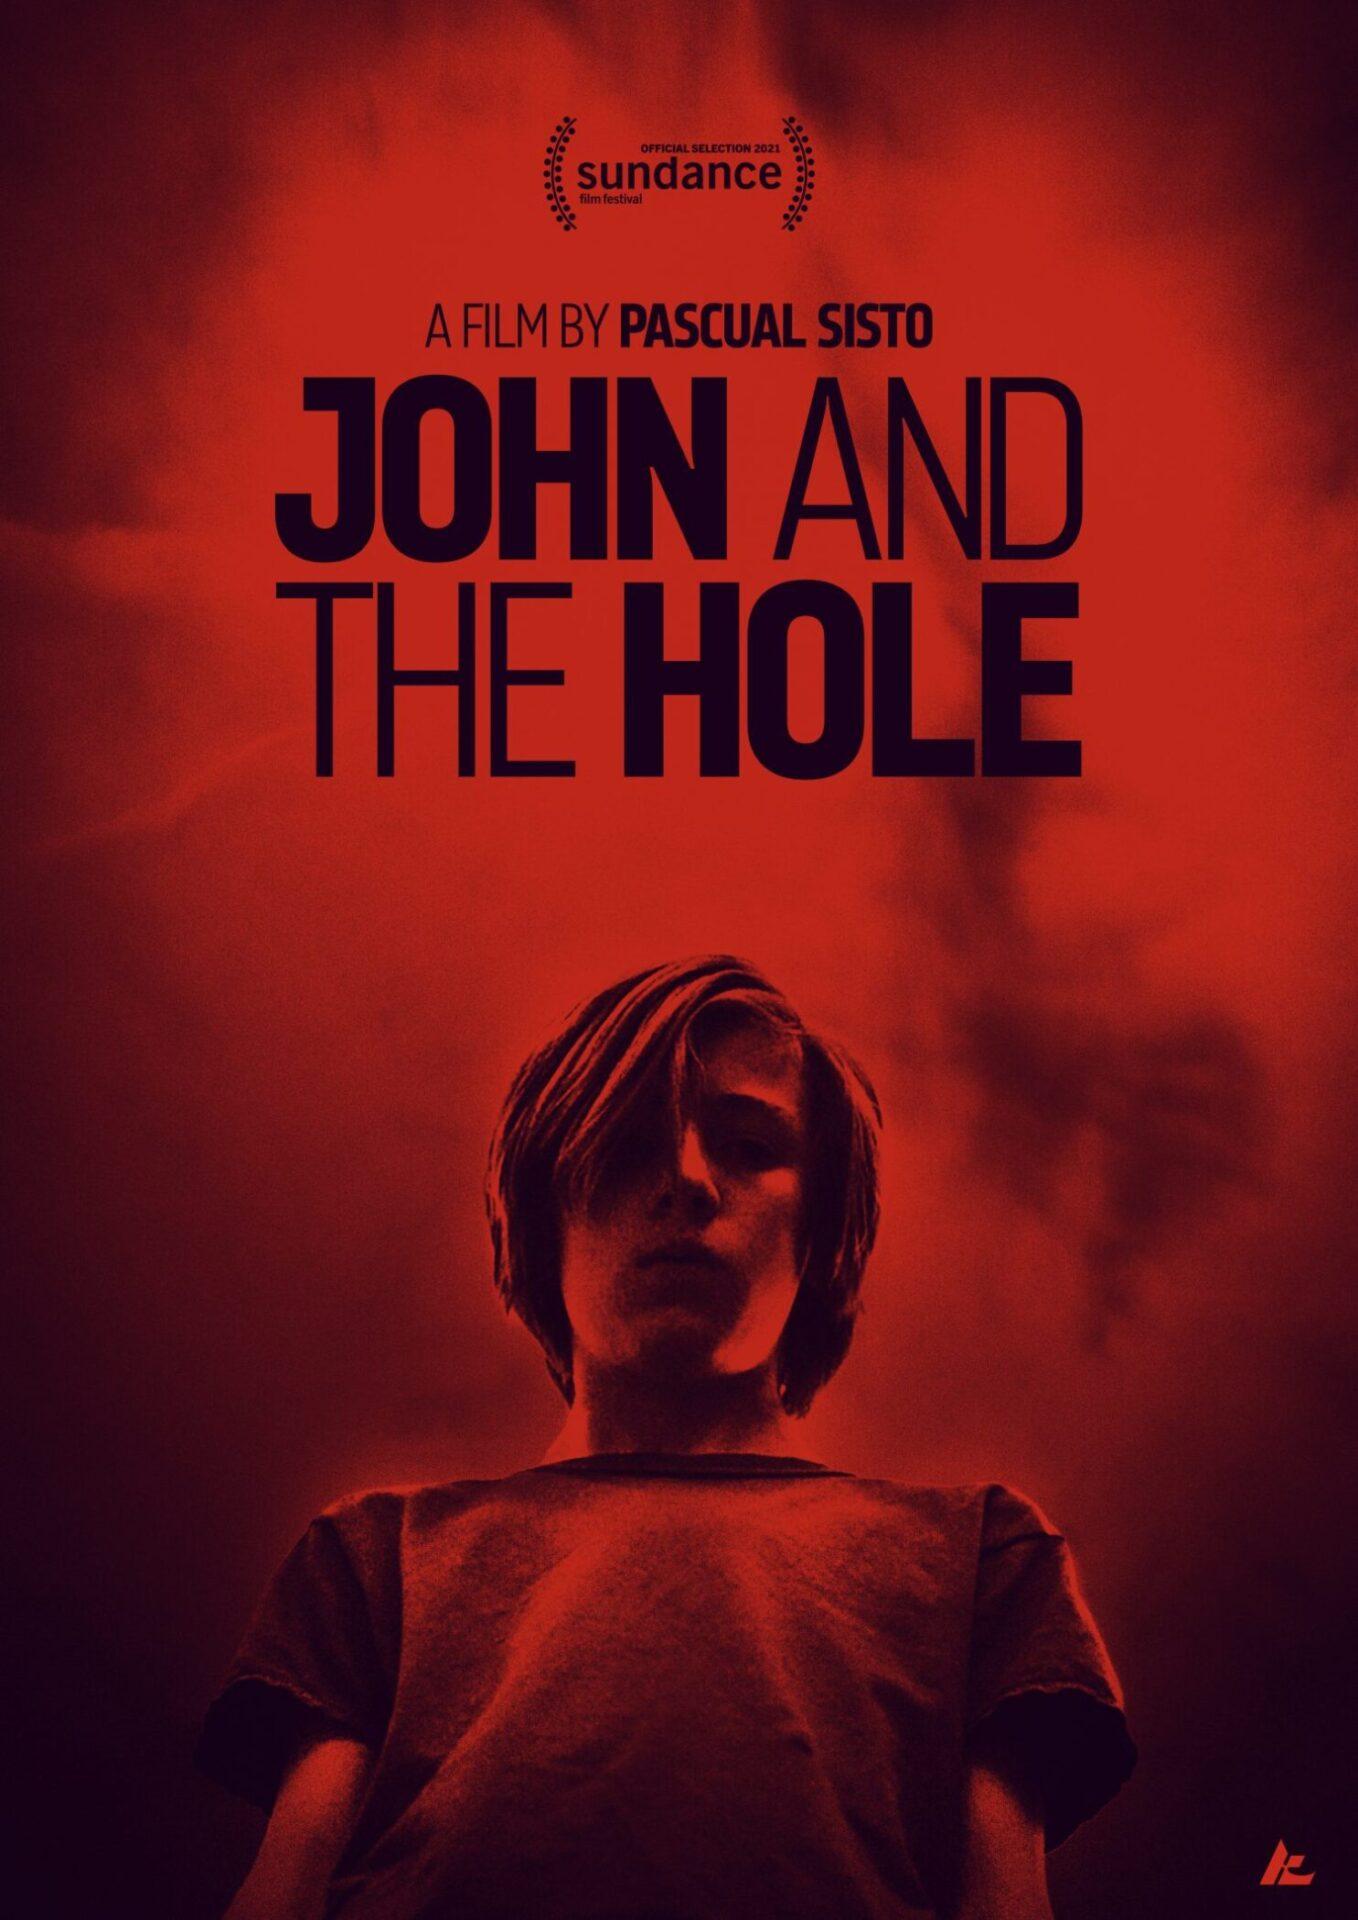 john and the hole suspense psicologico com michael c hall scaled - JOHN AND THE HOLE suspense psicológico com  Michael C. Hall   Menino de 13 anos prende sua família em um buraco